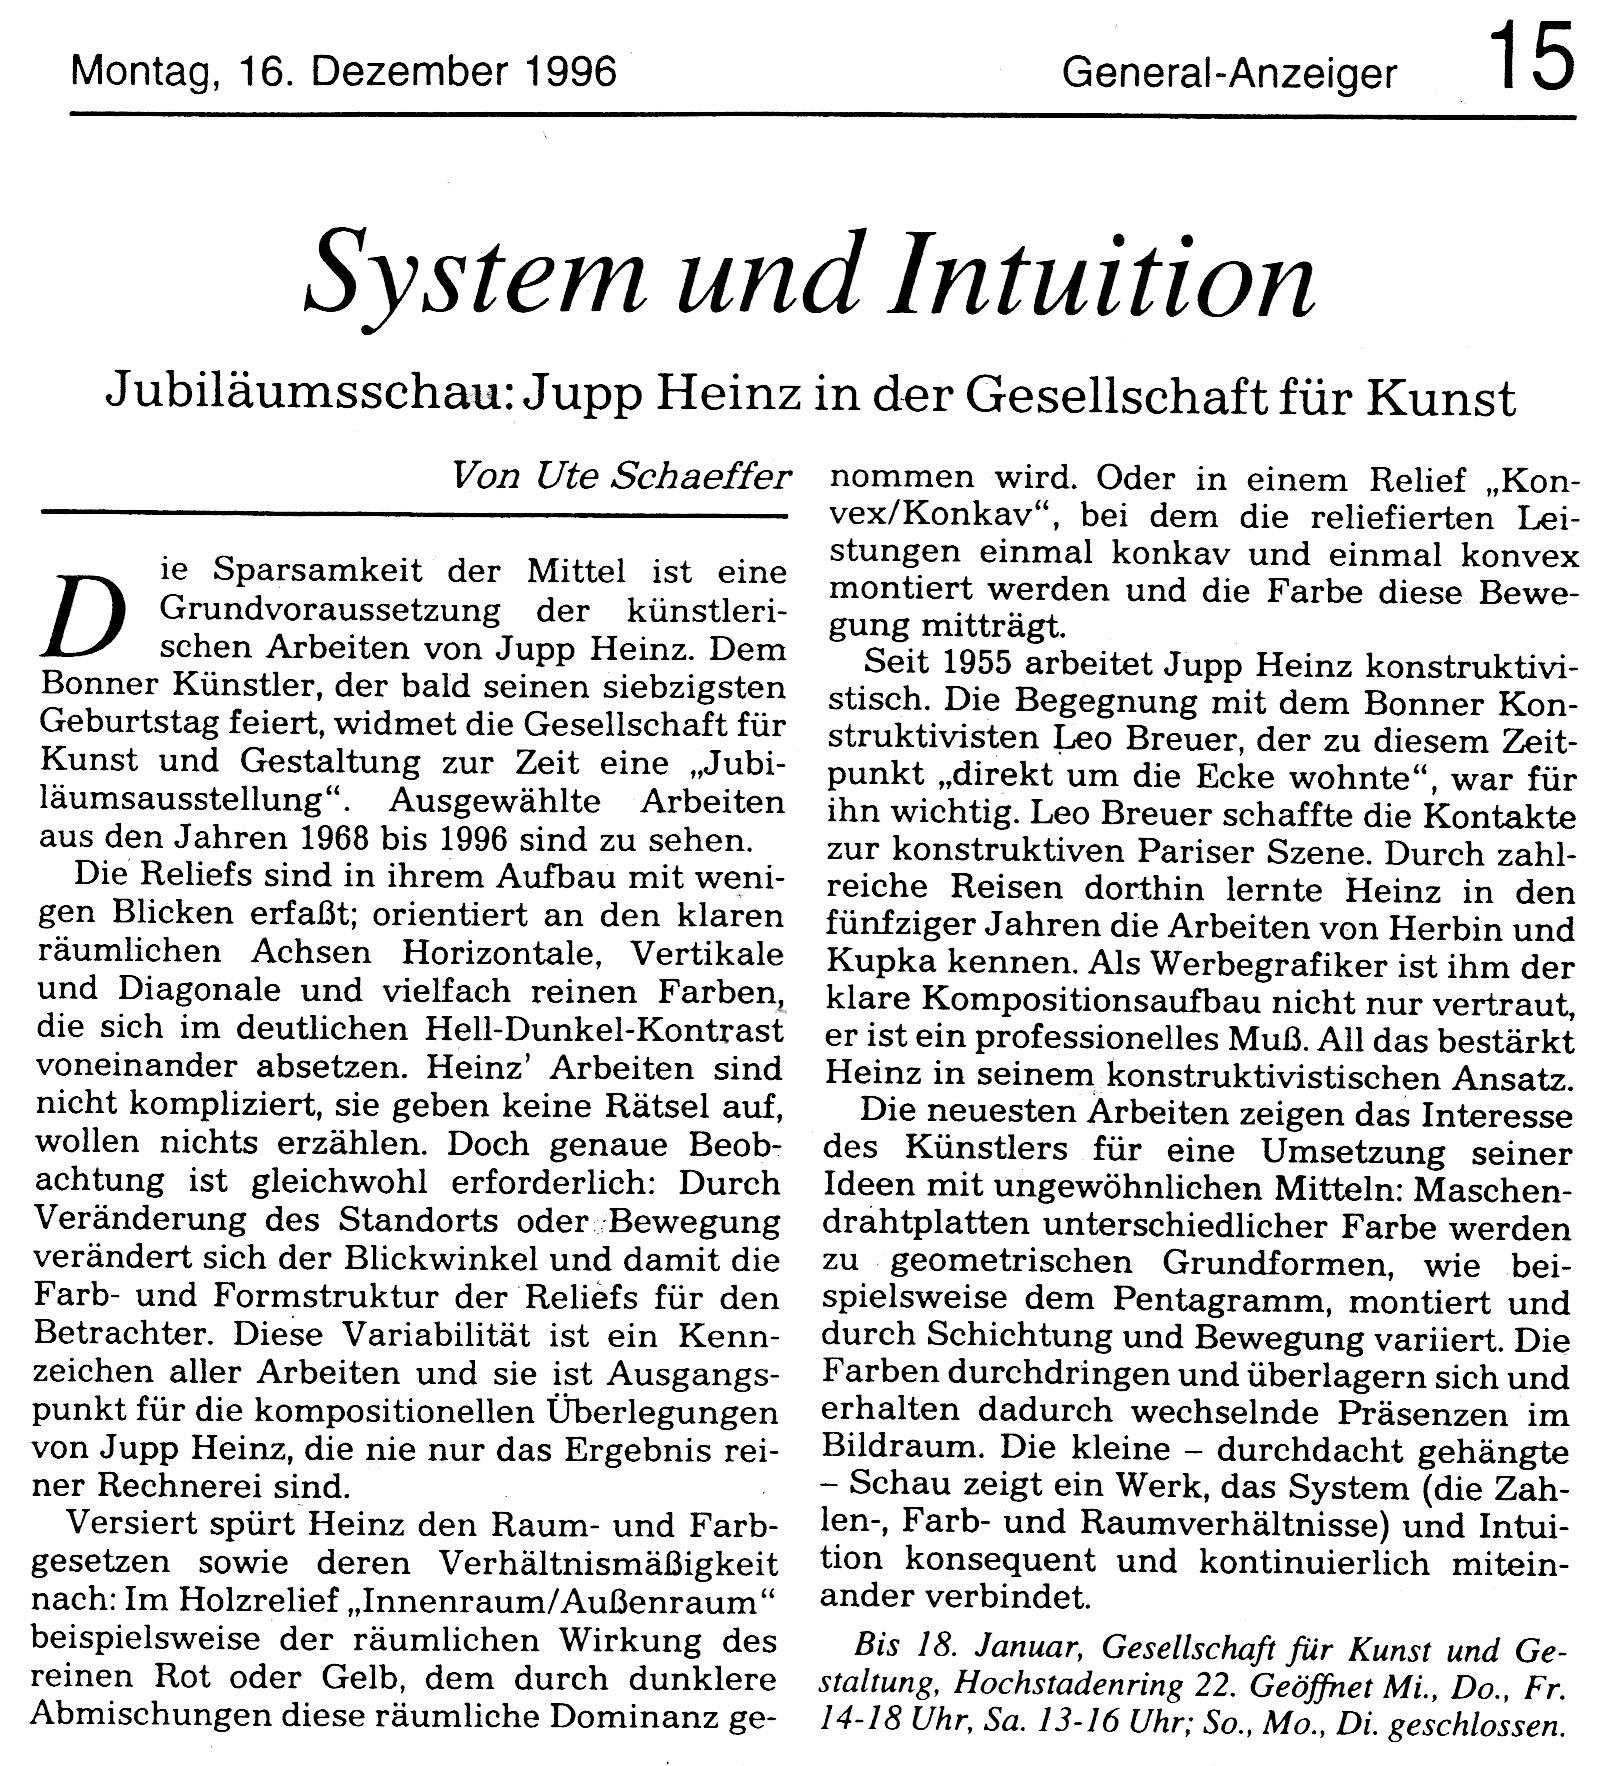 Bonn, General-Anzeiger 1996